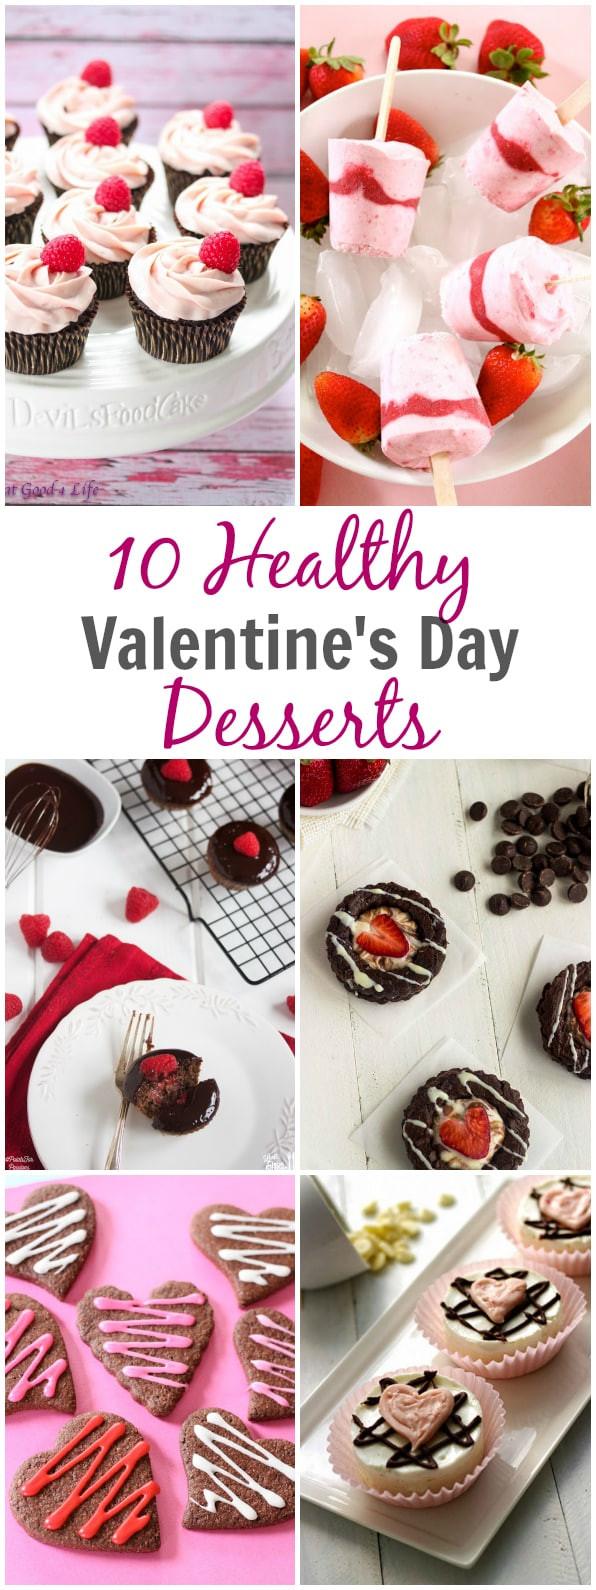 Healthy Valentine'S Day Desserts  10 Healthy Valentine s Day Desserts Primavera Kitchen